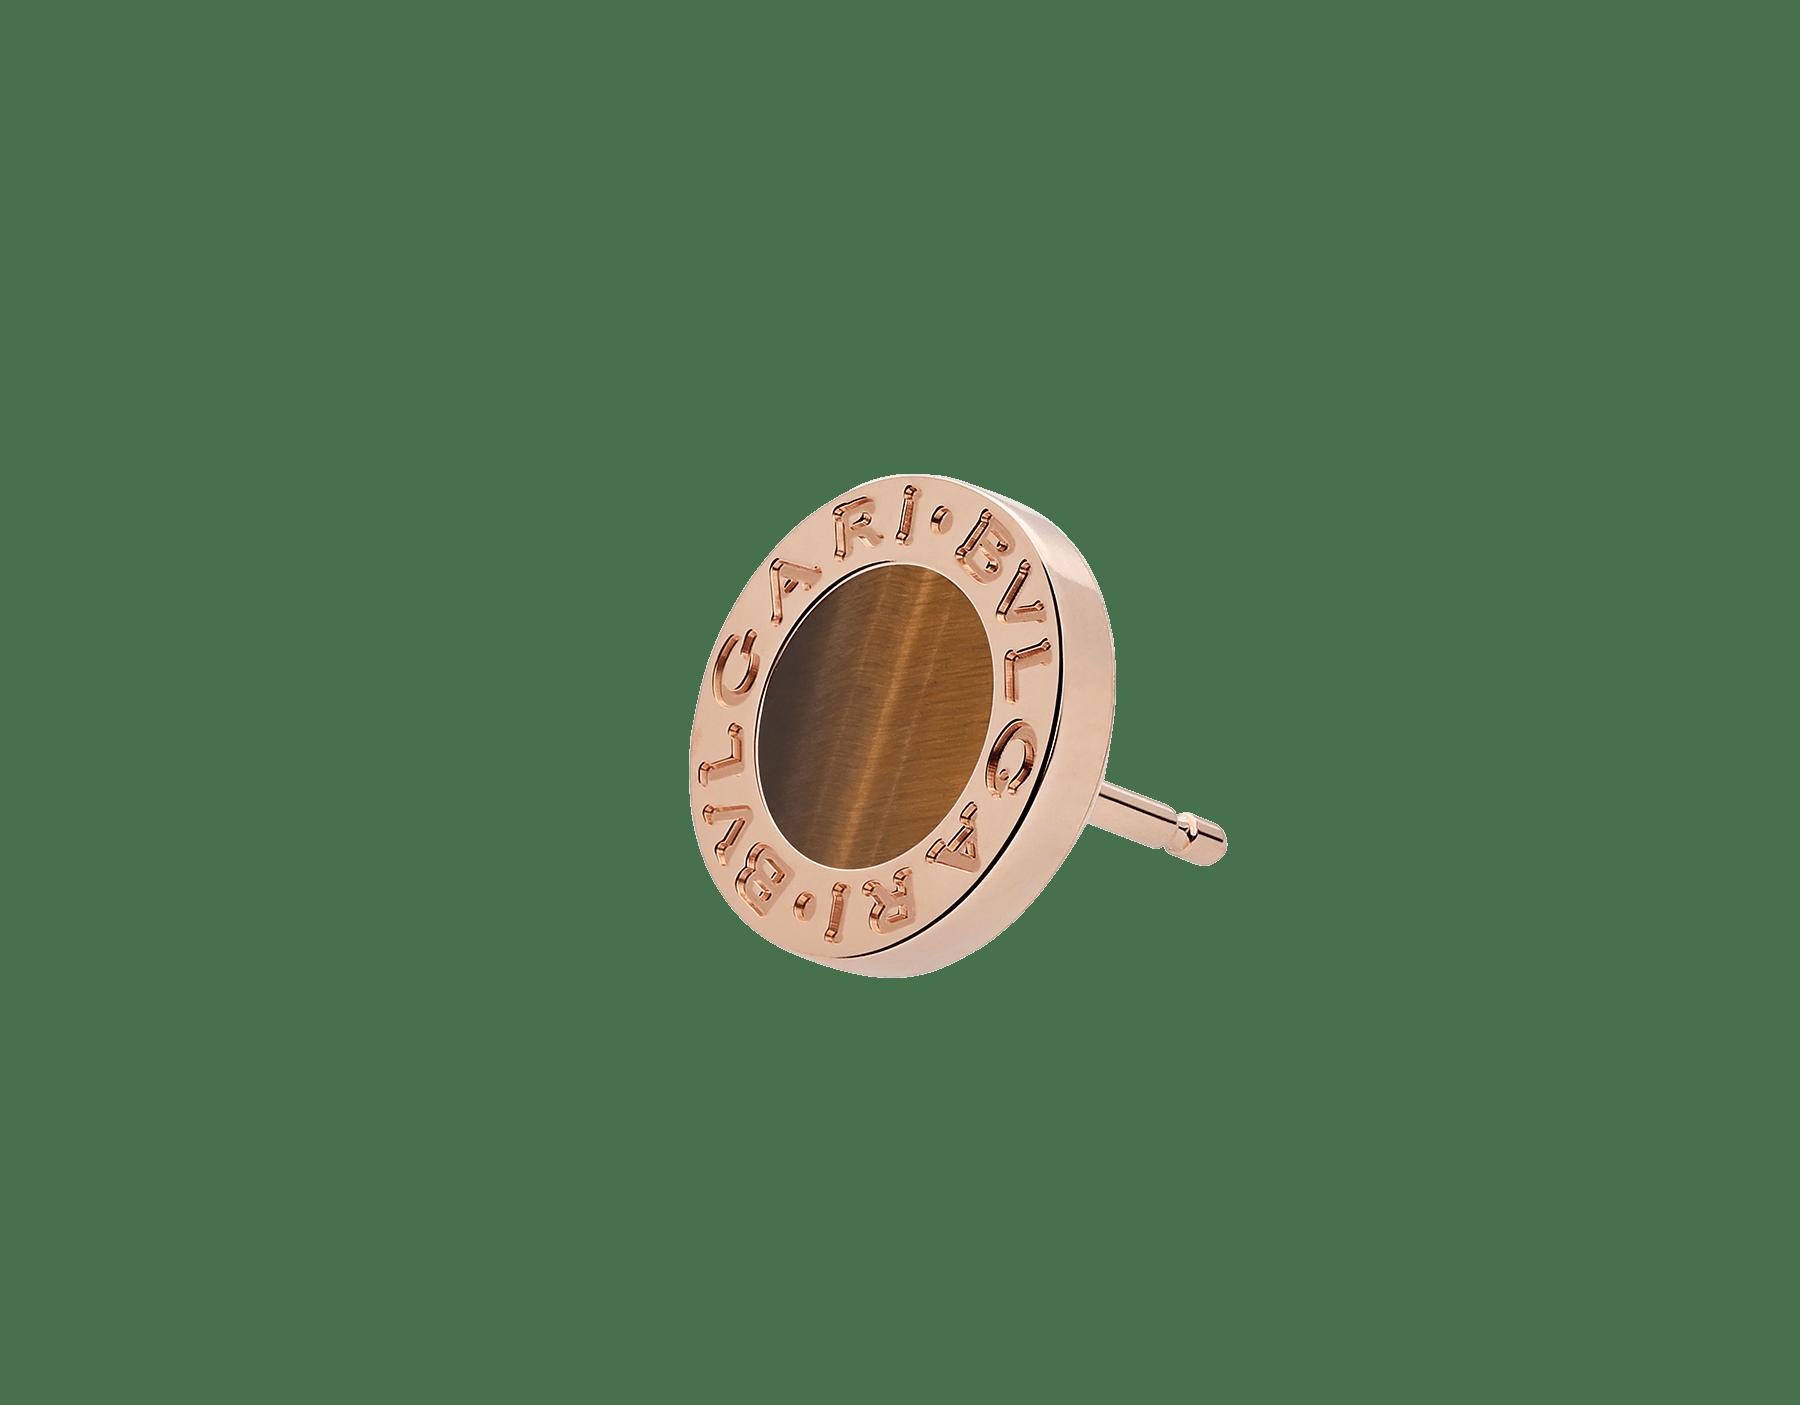 Boucle d'oreille unitaire BVLGARI BVLGARI en or rose 18K sertie d'un élément en œil-de-tigre 356364 image 2